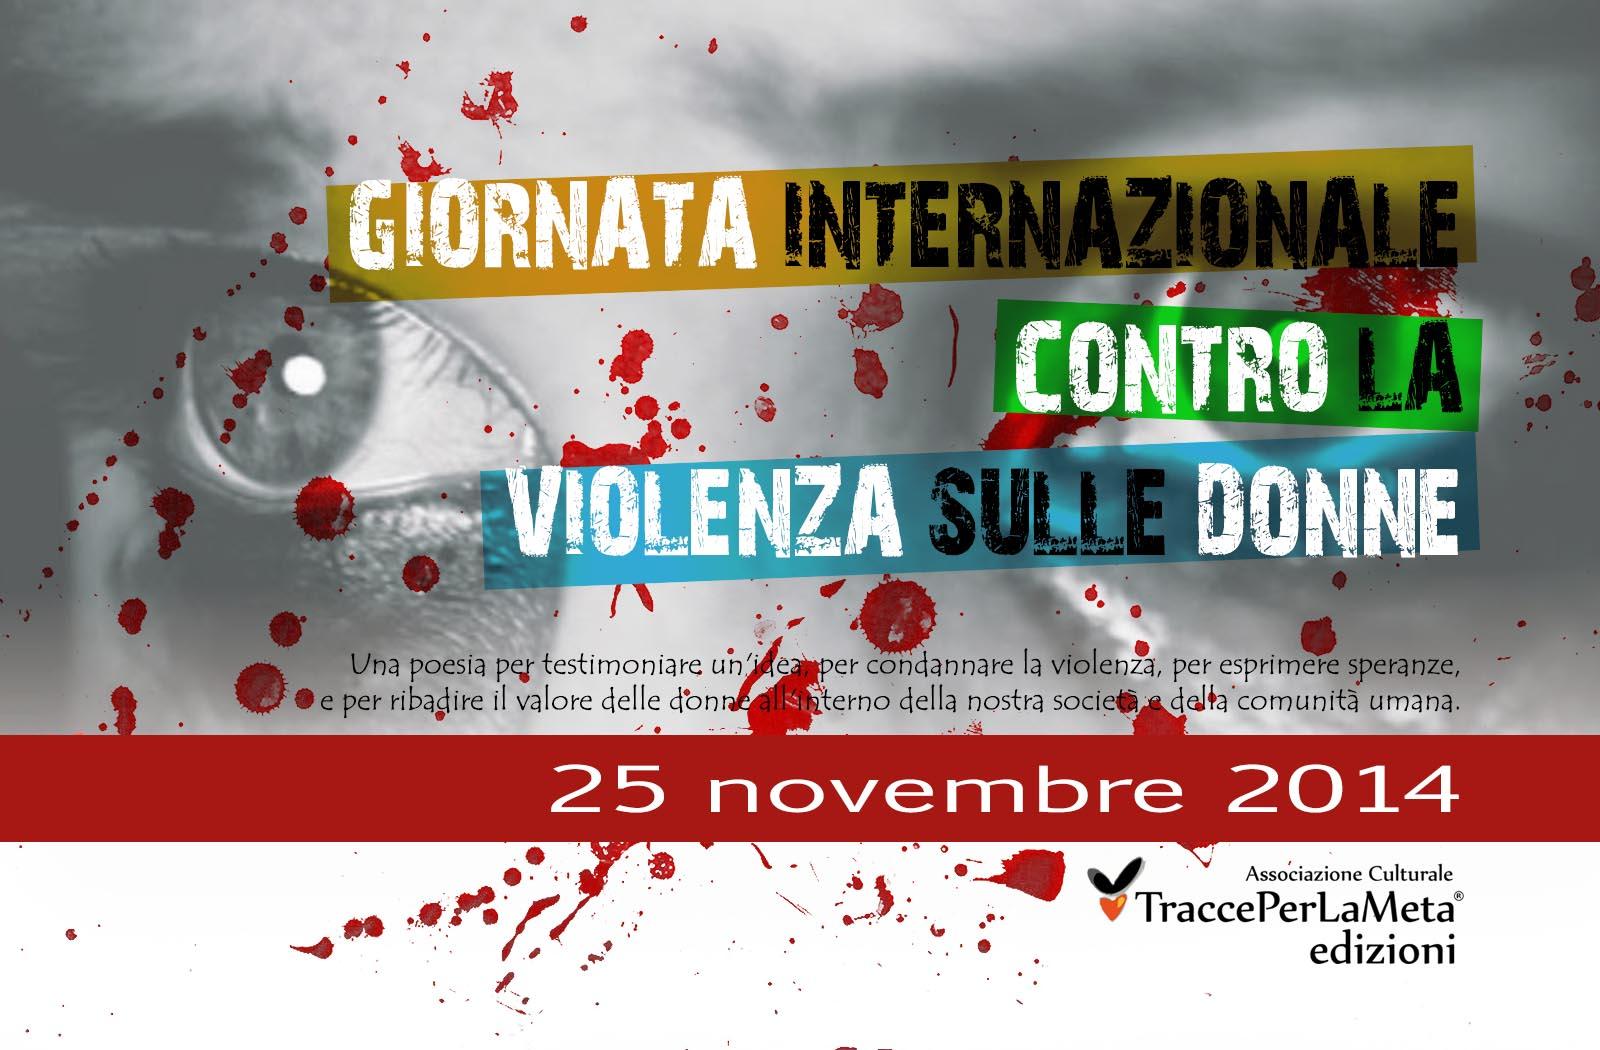 25 Novembre 2014 – Giornata Internazionale contro la #Violenza sulle #Donne